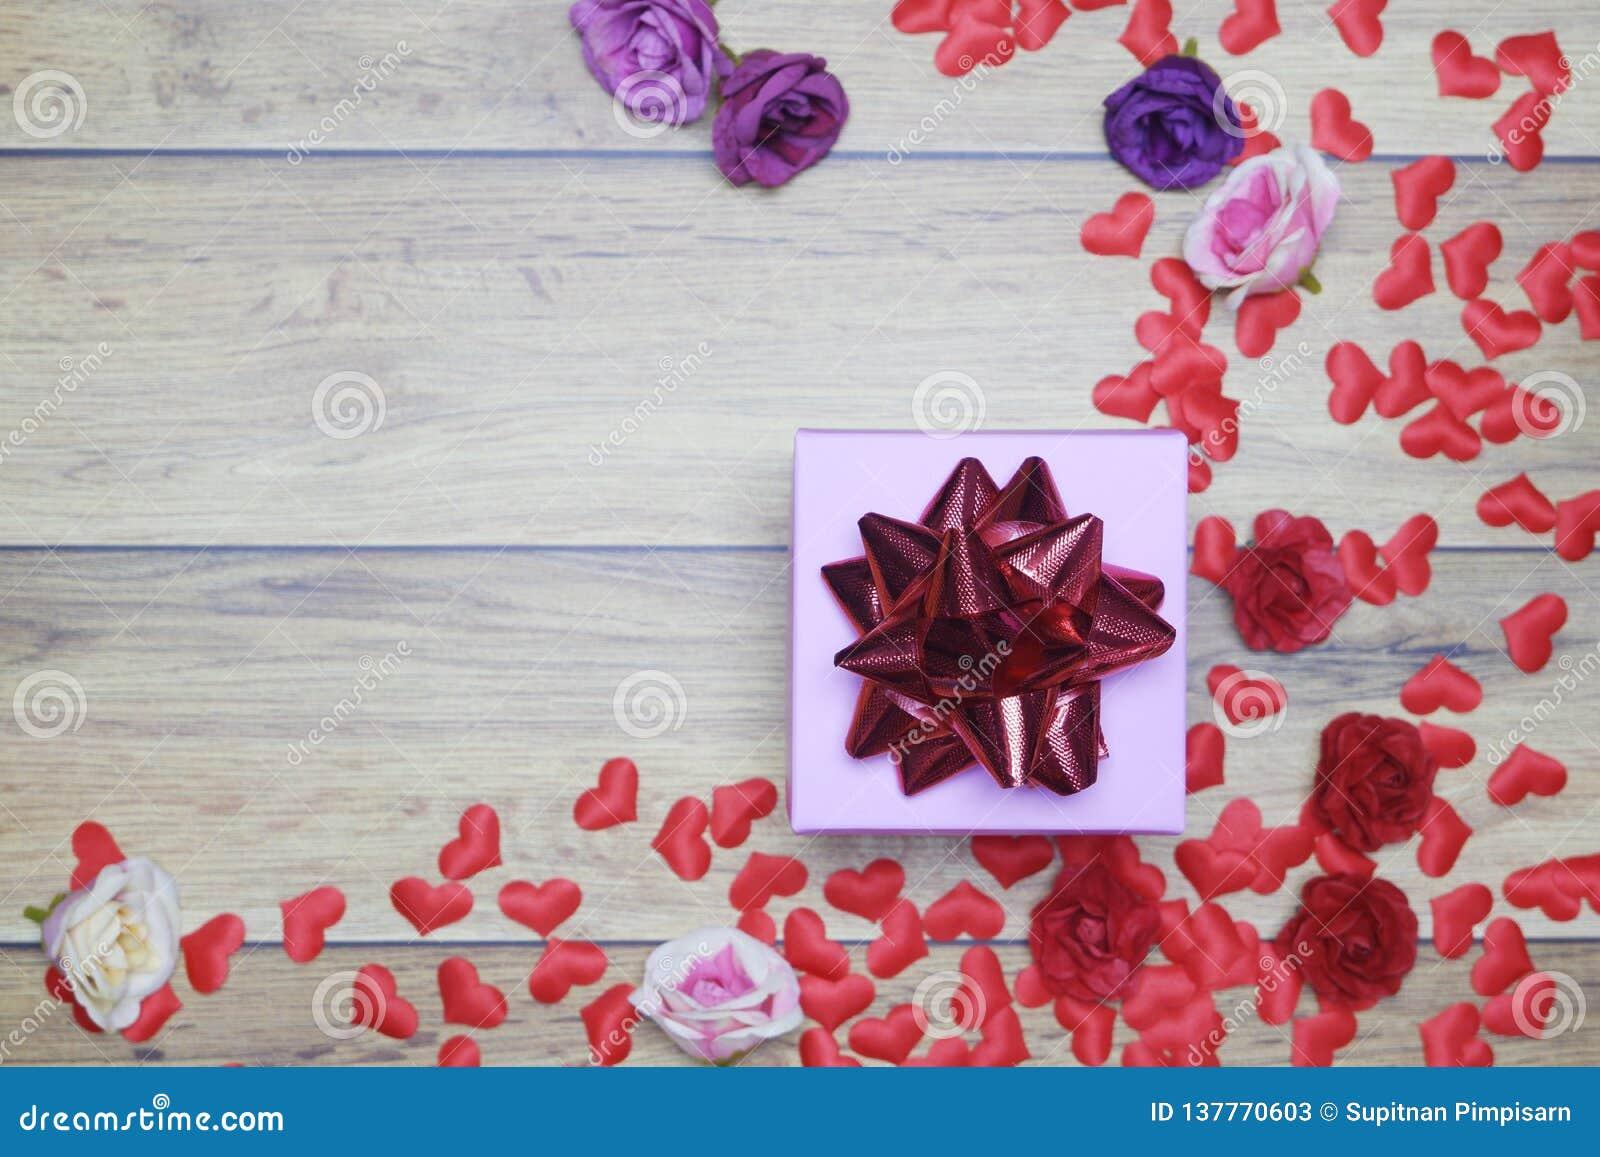 Επίπεδος-βάλτε το υπόβαθρο για την ημέρα του βαλεντίνου, αγάπη, καρδιές, διάστημα αντιγράφων κιβωτίων δώρων